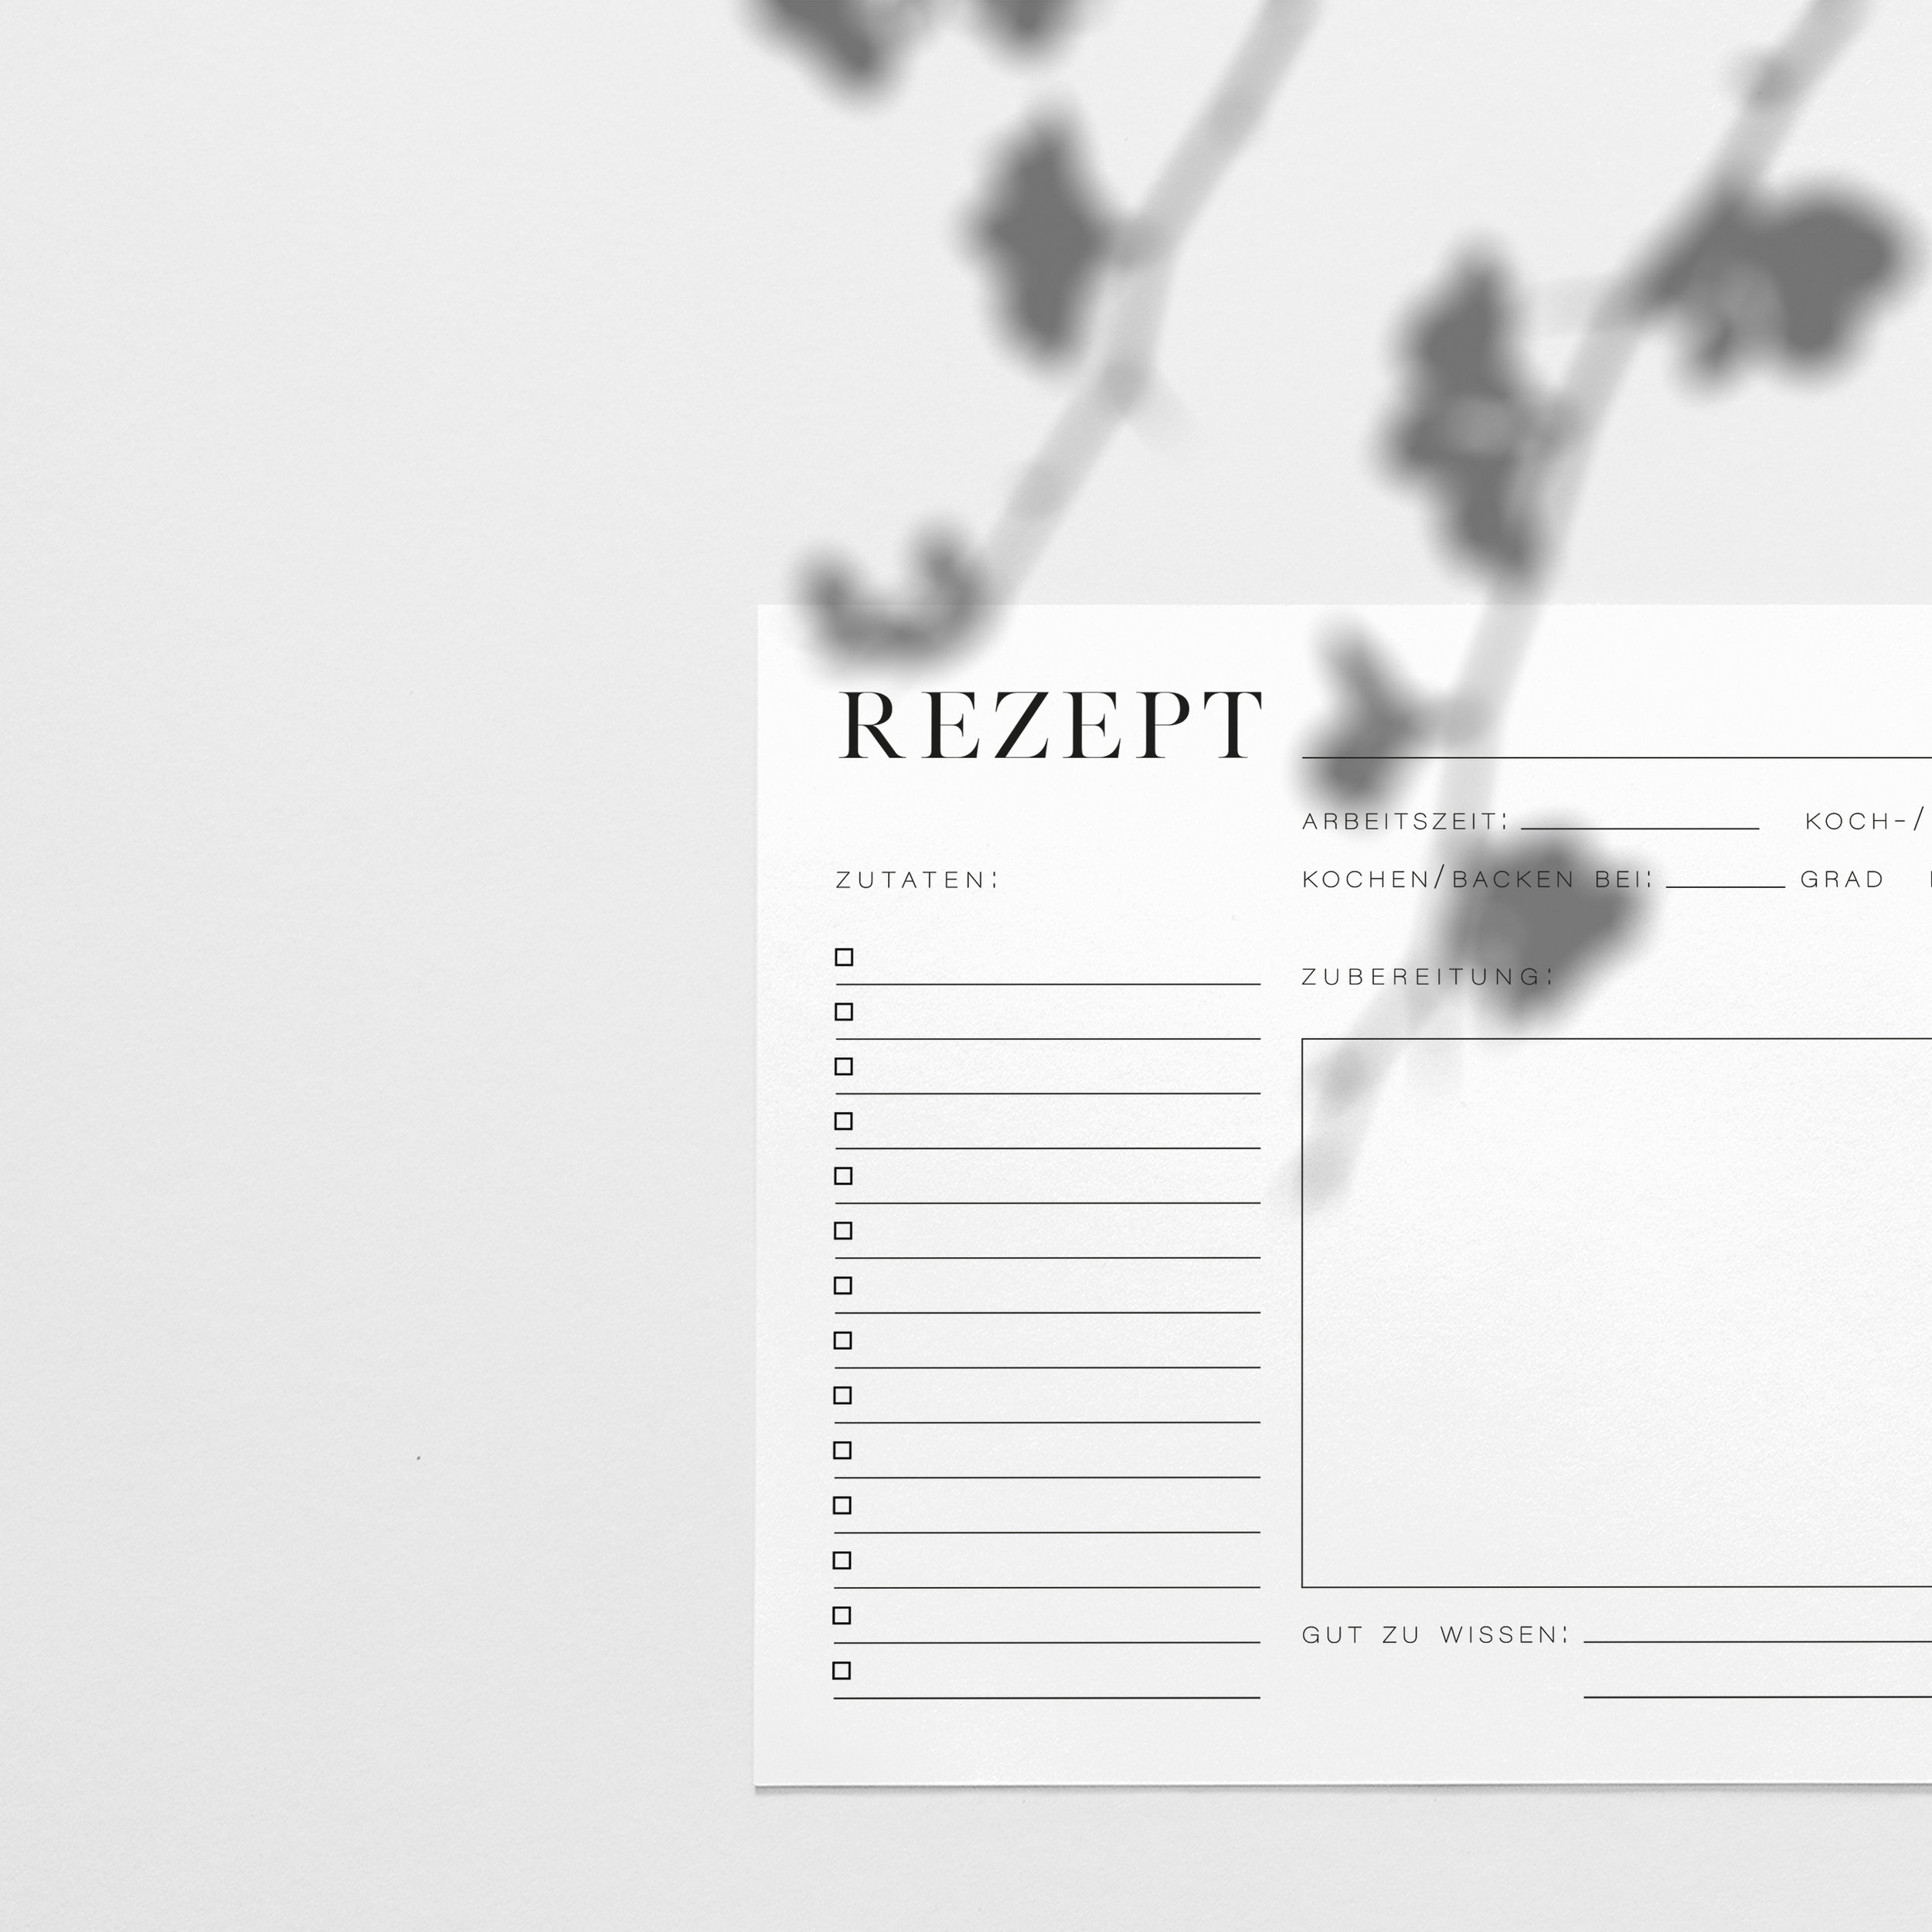 Rezeptkarte Din A5_Detail_1.jpg